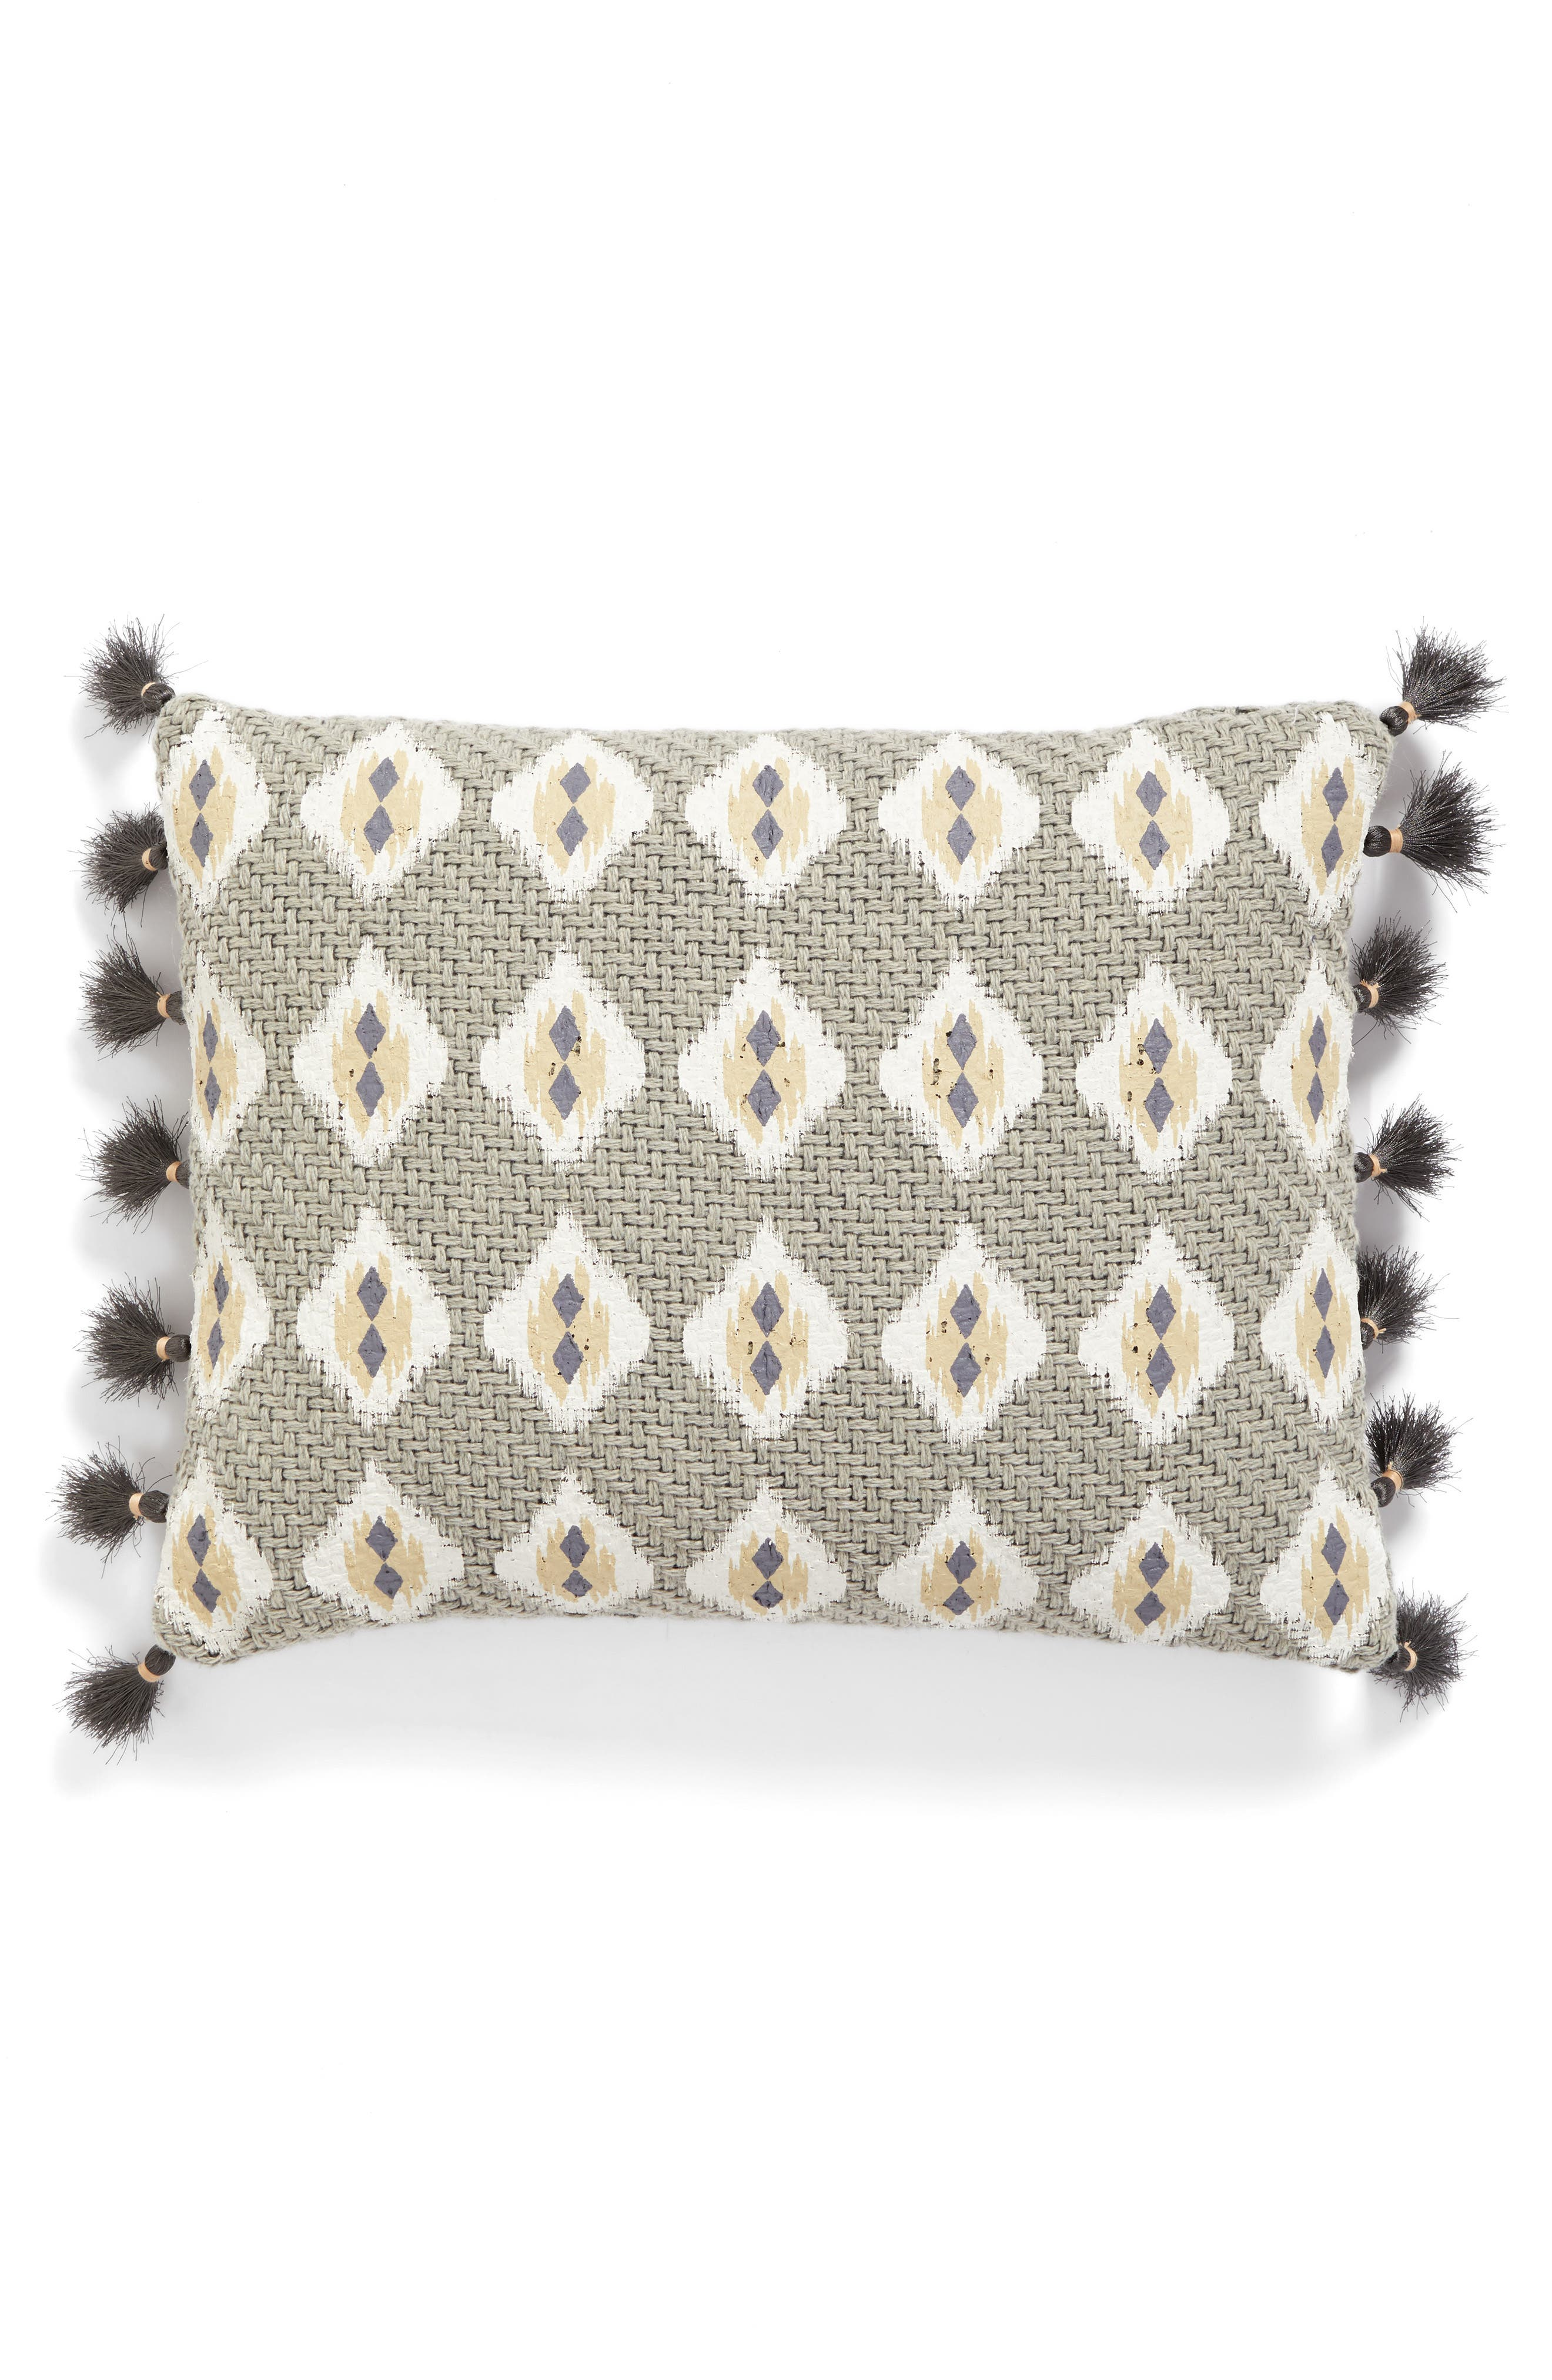 Levtex Matmi Tassels Accent Pillow